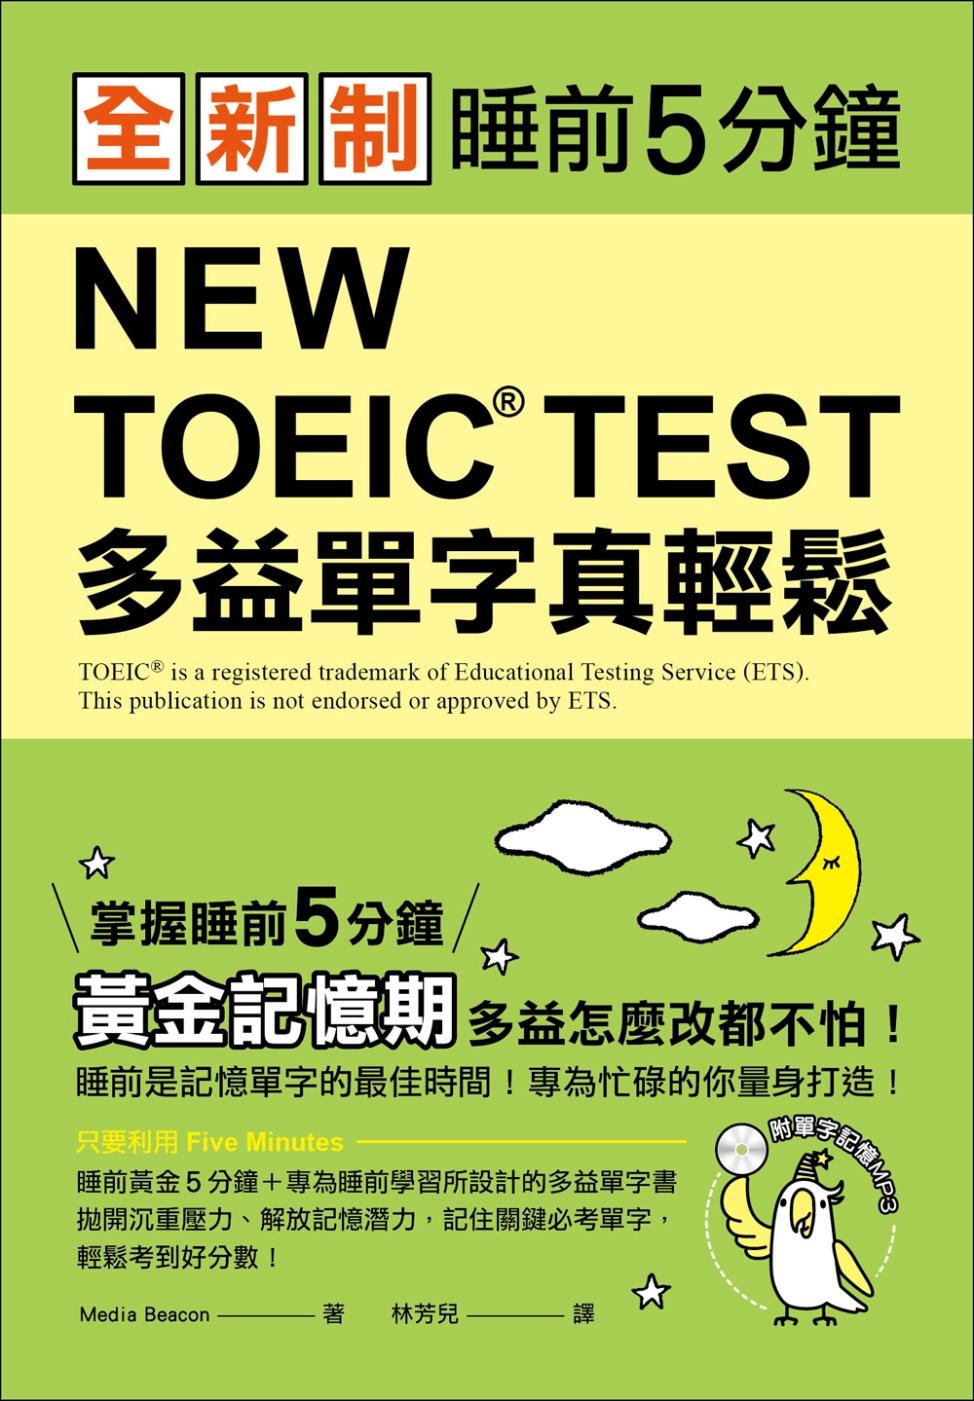 全新制 NEW TOEIC TEST 多益單字真輕鬆:睡前5分鐘,掌握黃金記憶期,多益怎麼改都不怕!(附單字記憶MP3+防水書套)